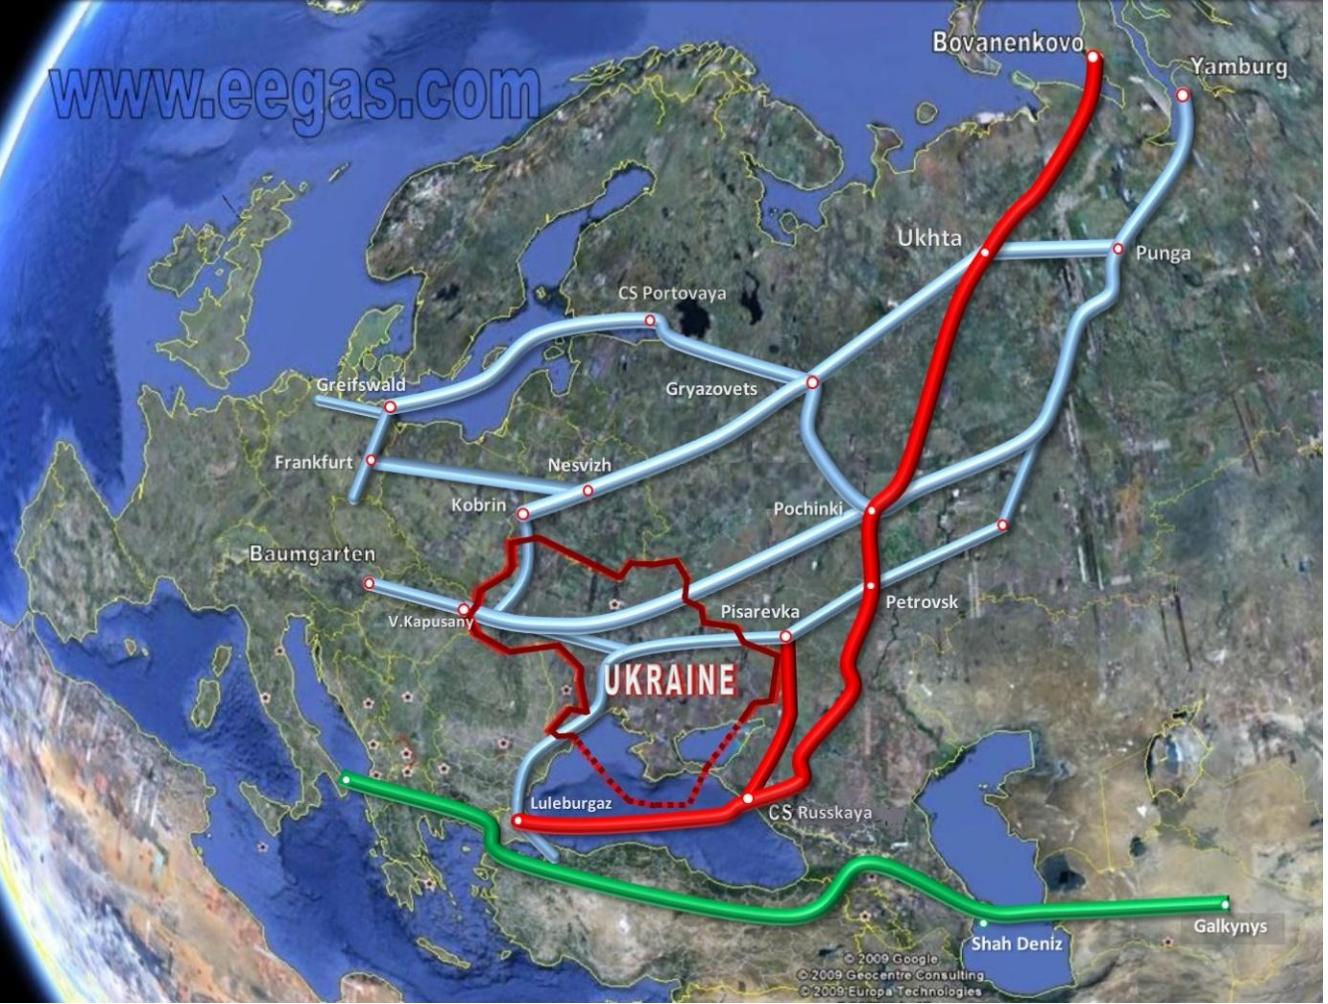 Turkish Stream i Południowy Korytarz Gazowy. Źródło: eegas.com